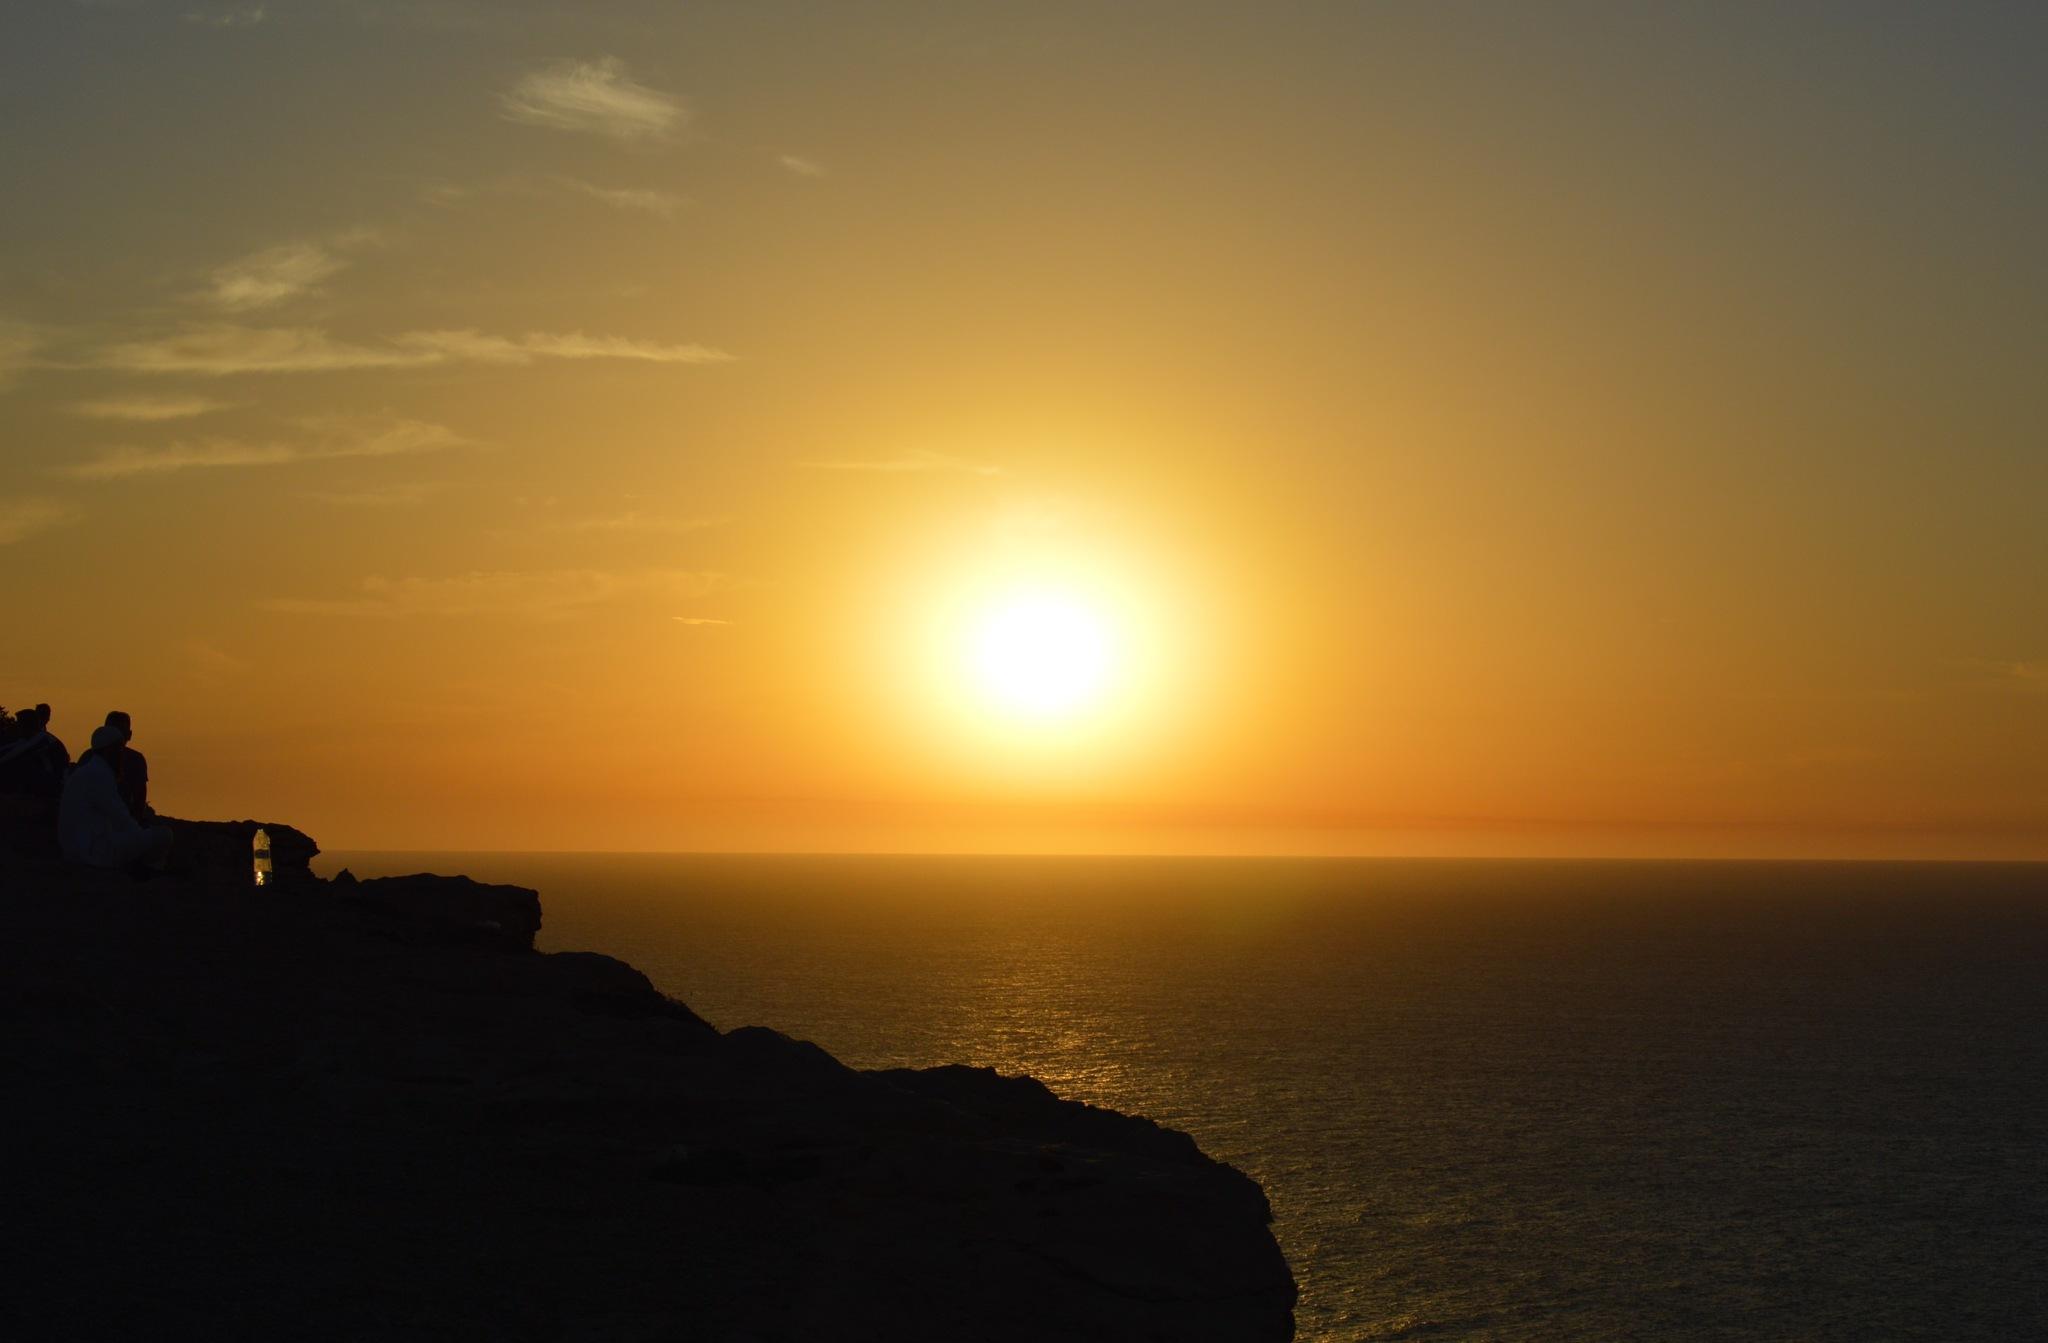 Sunset  by Abdenour Abdelali